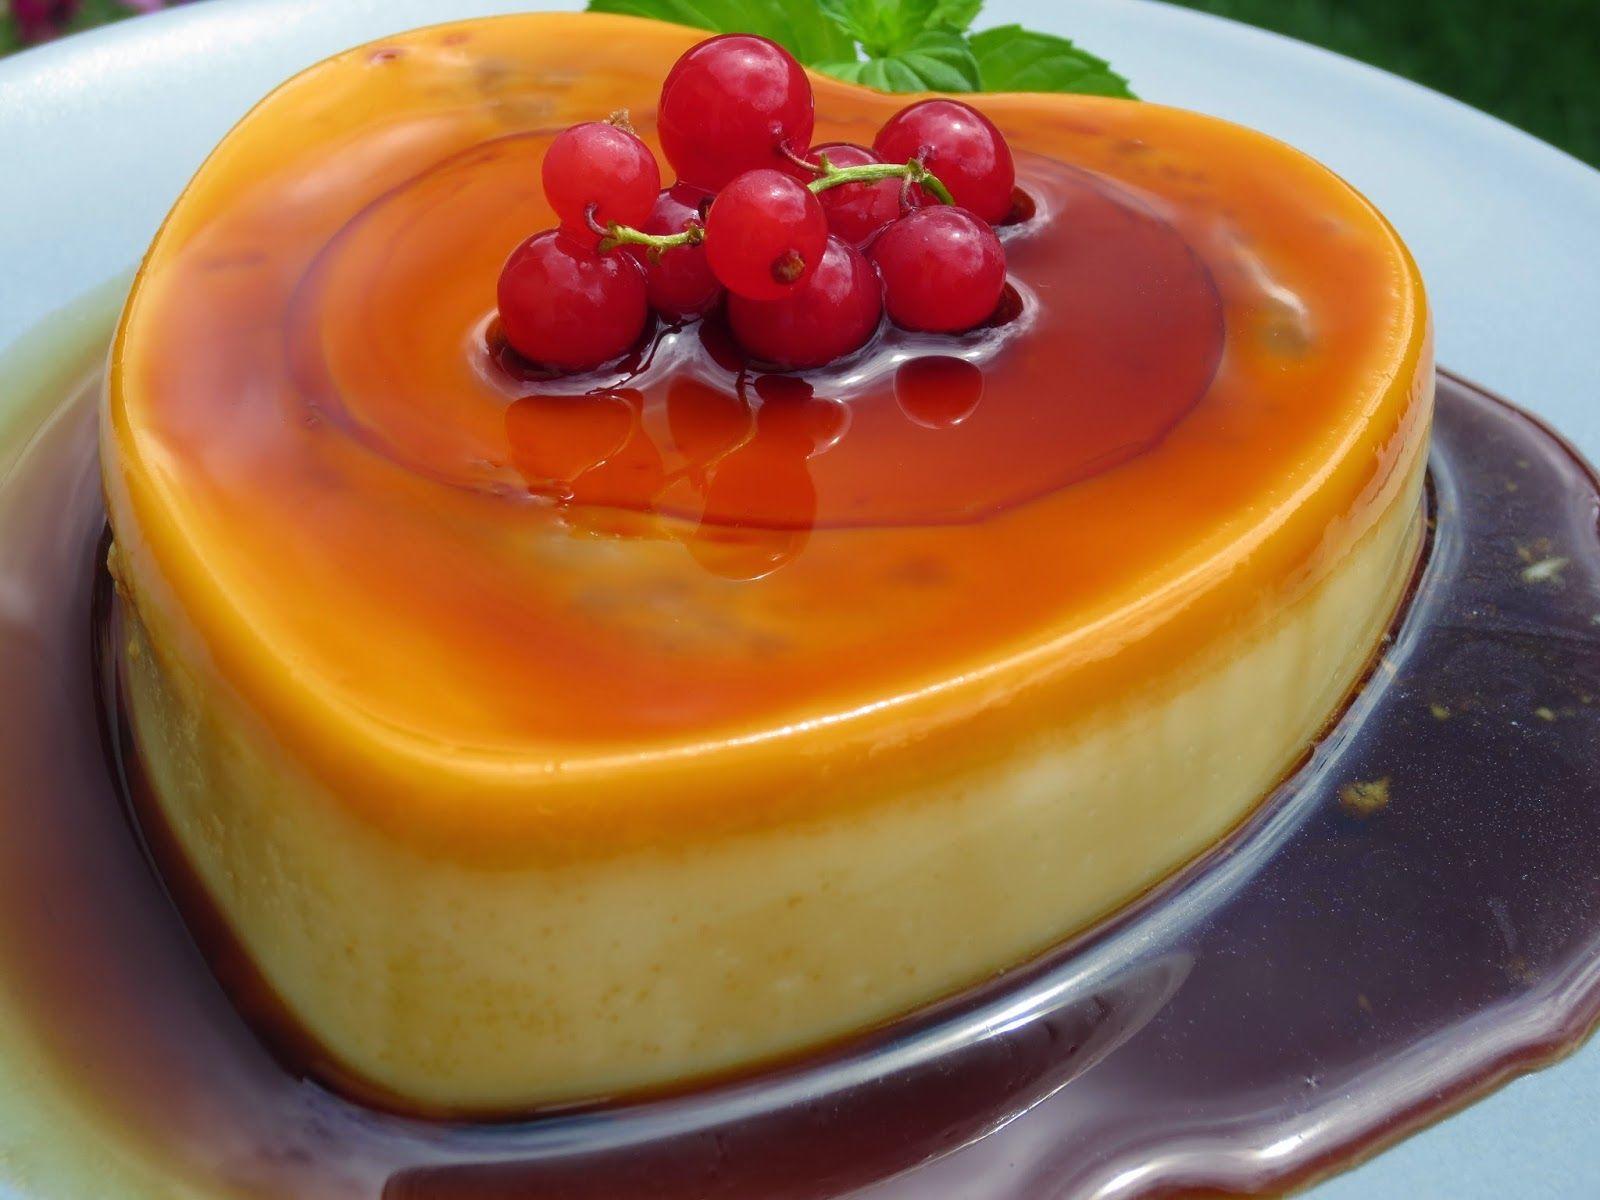 Tarta Flan De Queso Al Caramelo Thermomix Con Imagenes Flan De